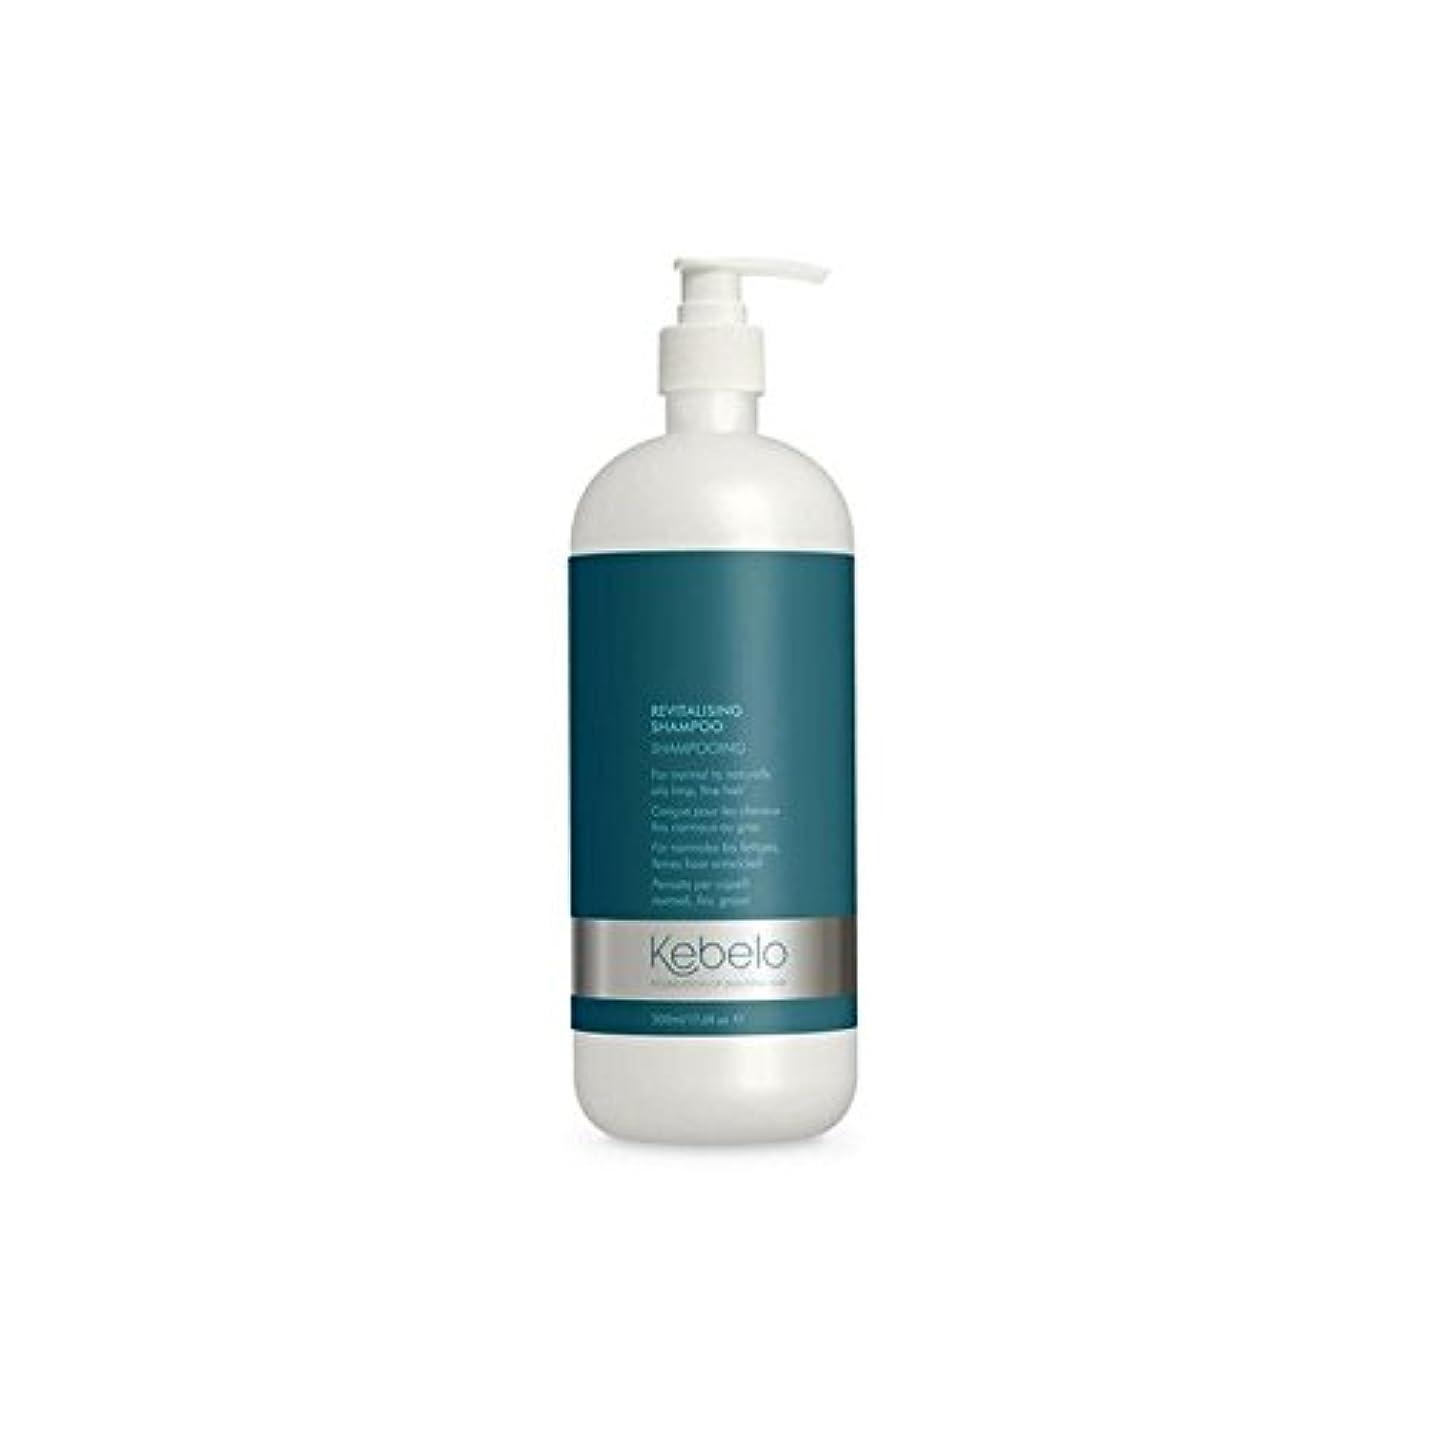 不従順朝の体操をする見込み活力シャンプー(500ミリリットル) x2 - Kebelo Revitalising Shampoo (500ml) (Pack of 2) [並行輸入品]